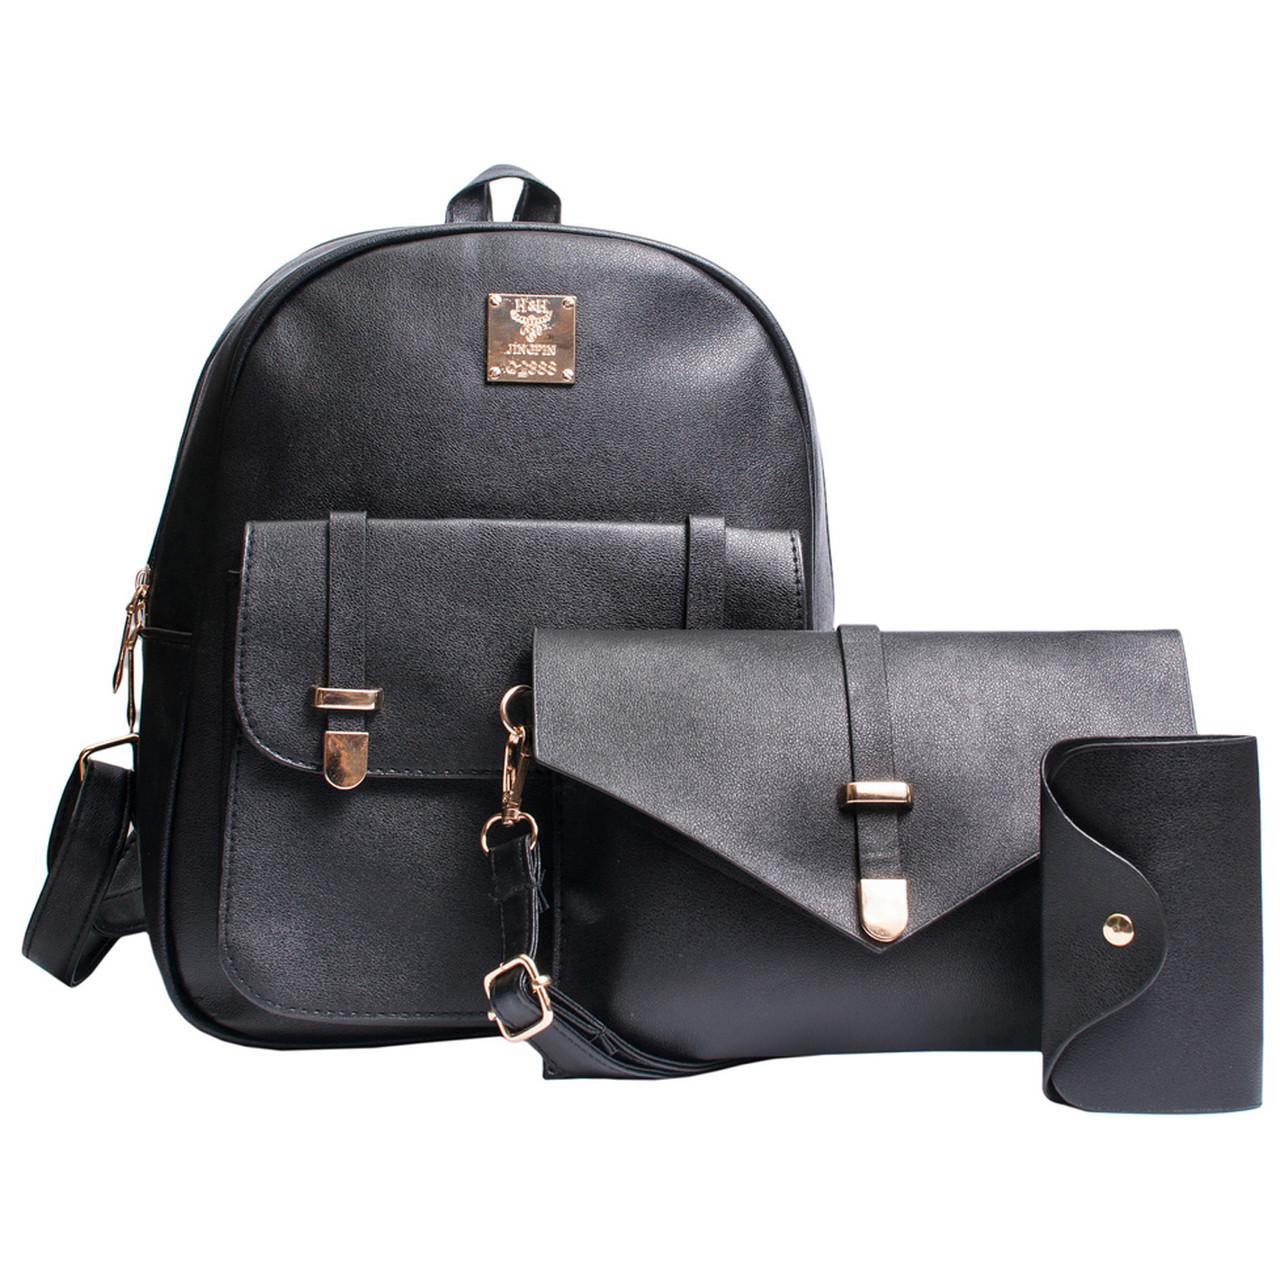 862172b463f9 Купить Женский набор с рюкзаком CC-7422-10 в Киеве от компании ...